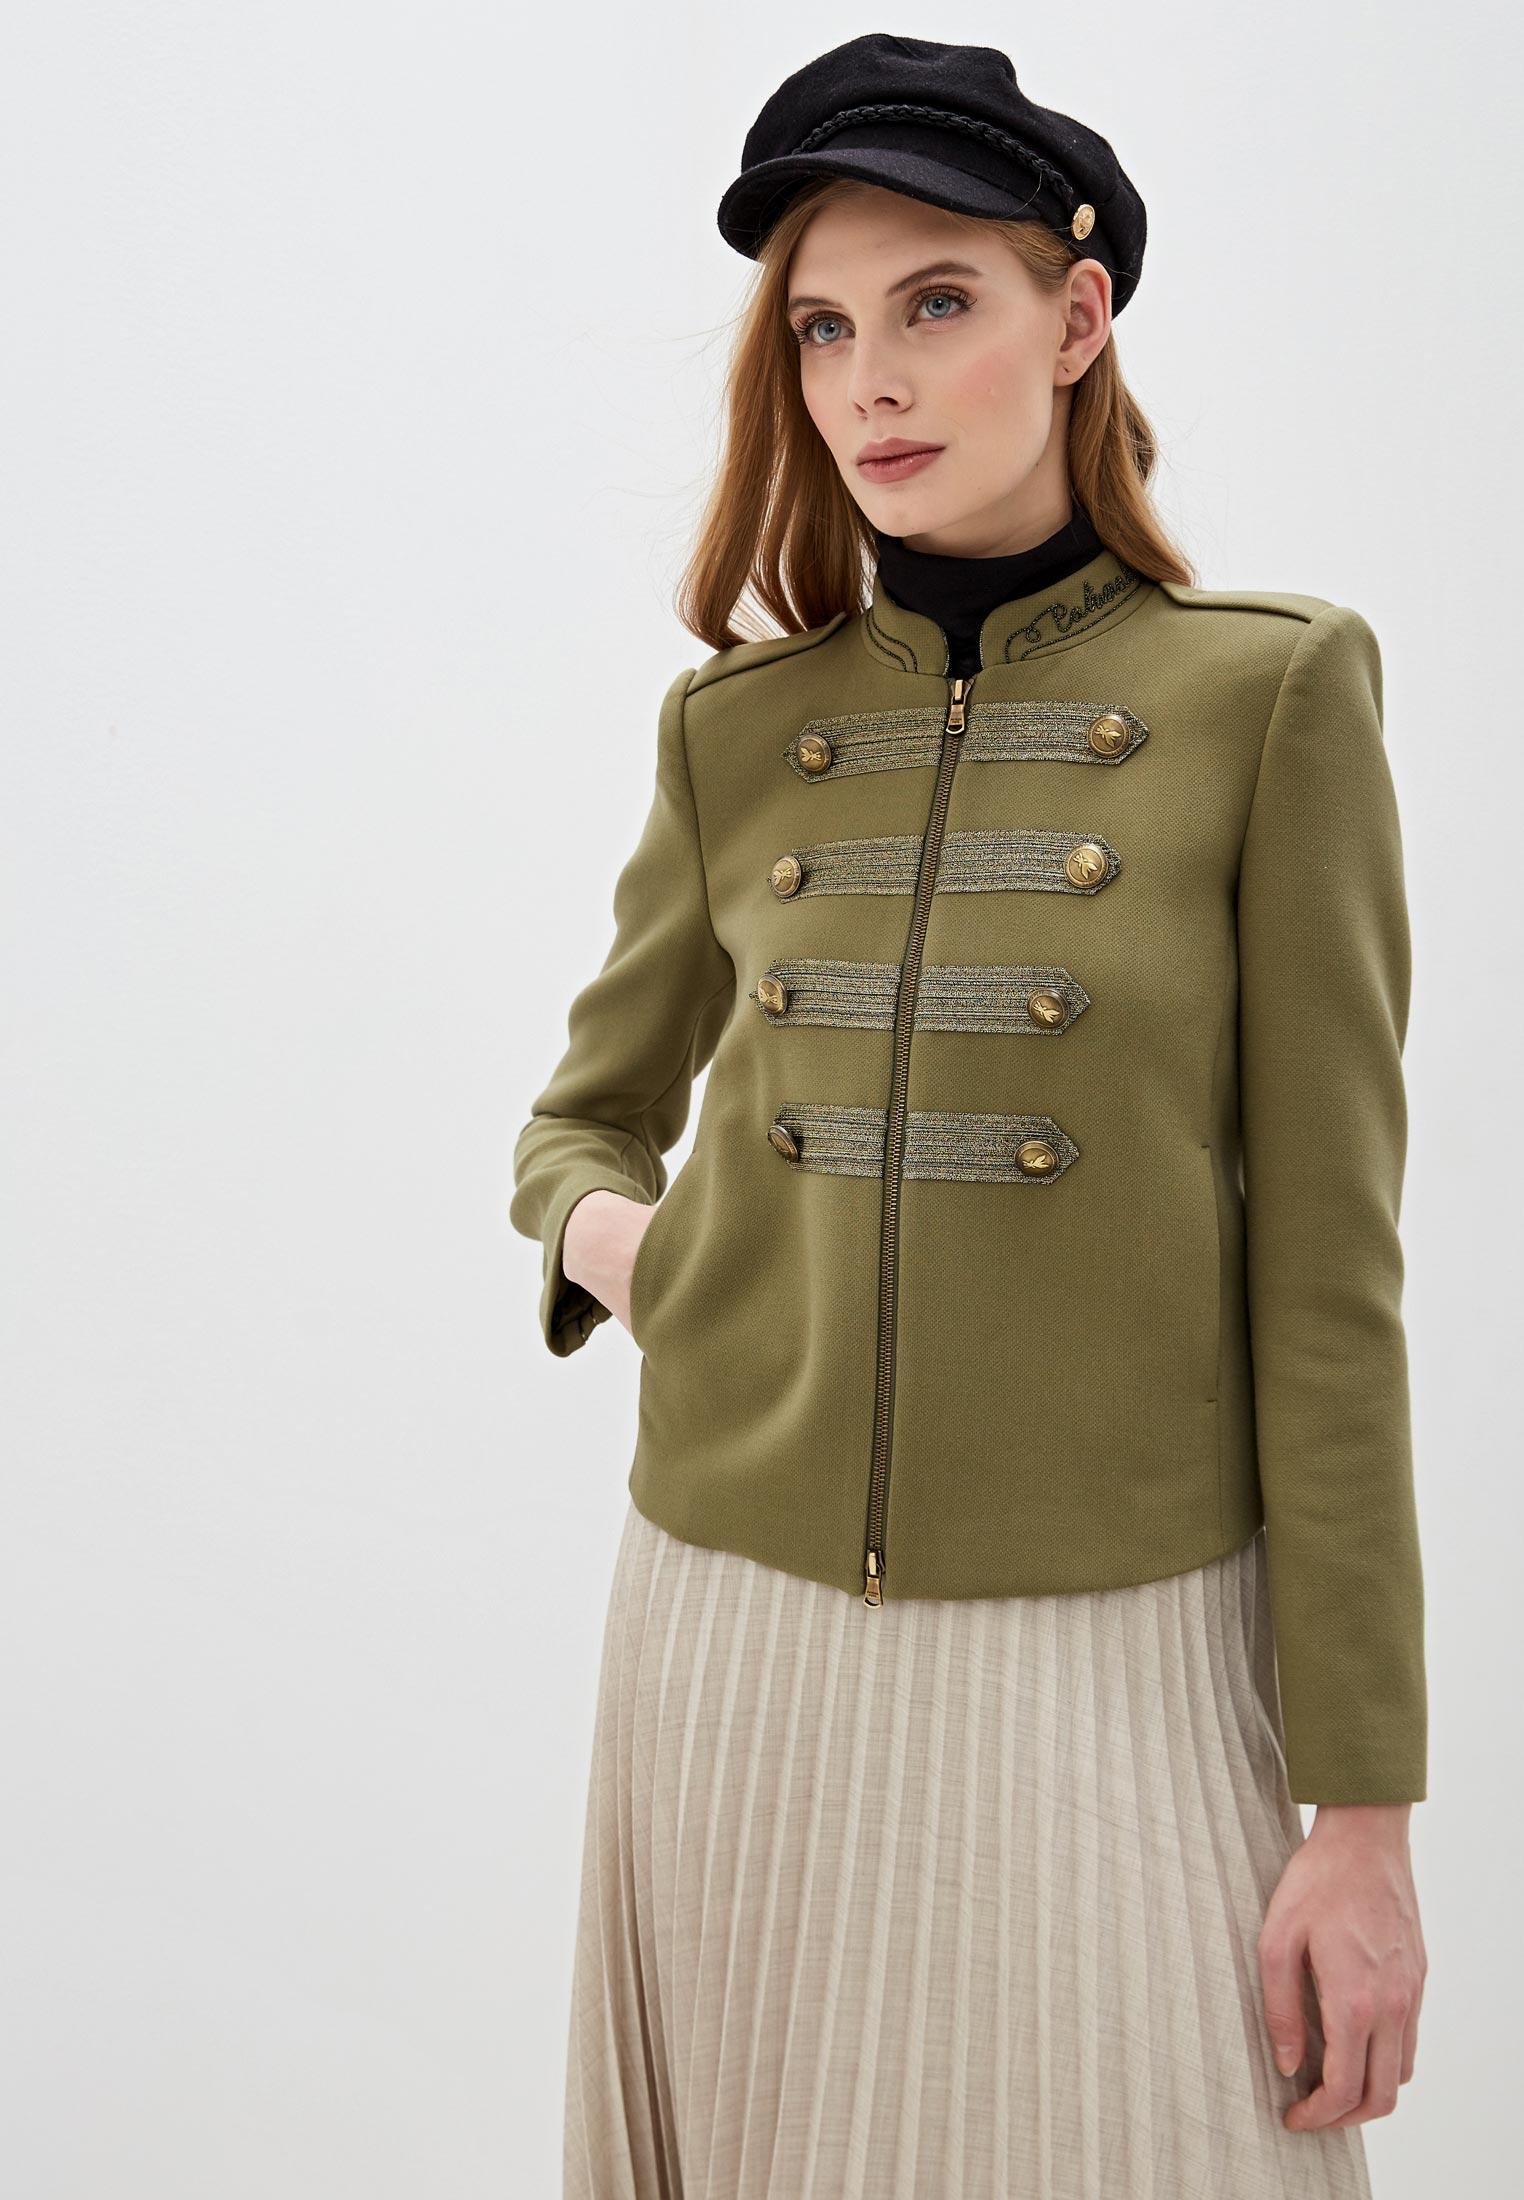 интересный обзор пиджак в стиле гусар фото случае линий, значения